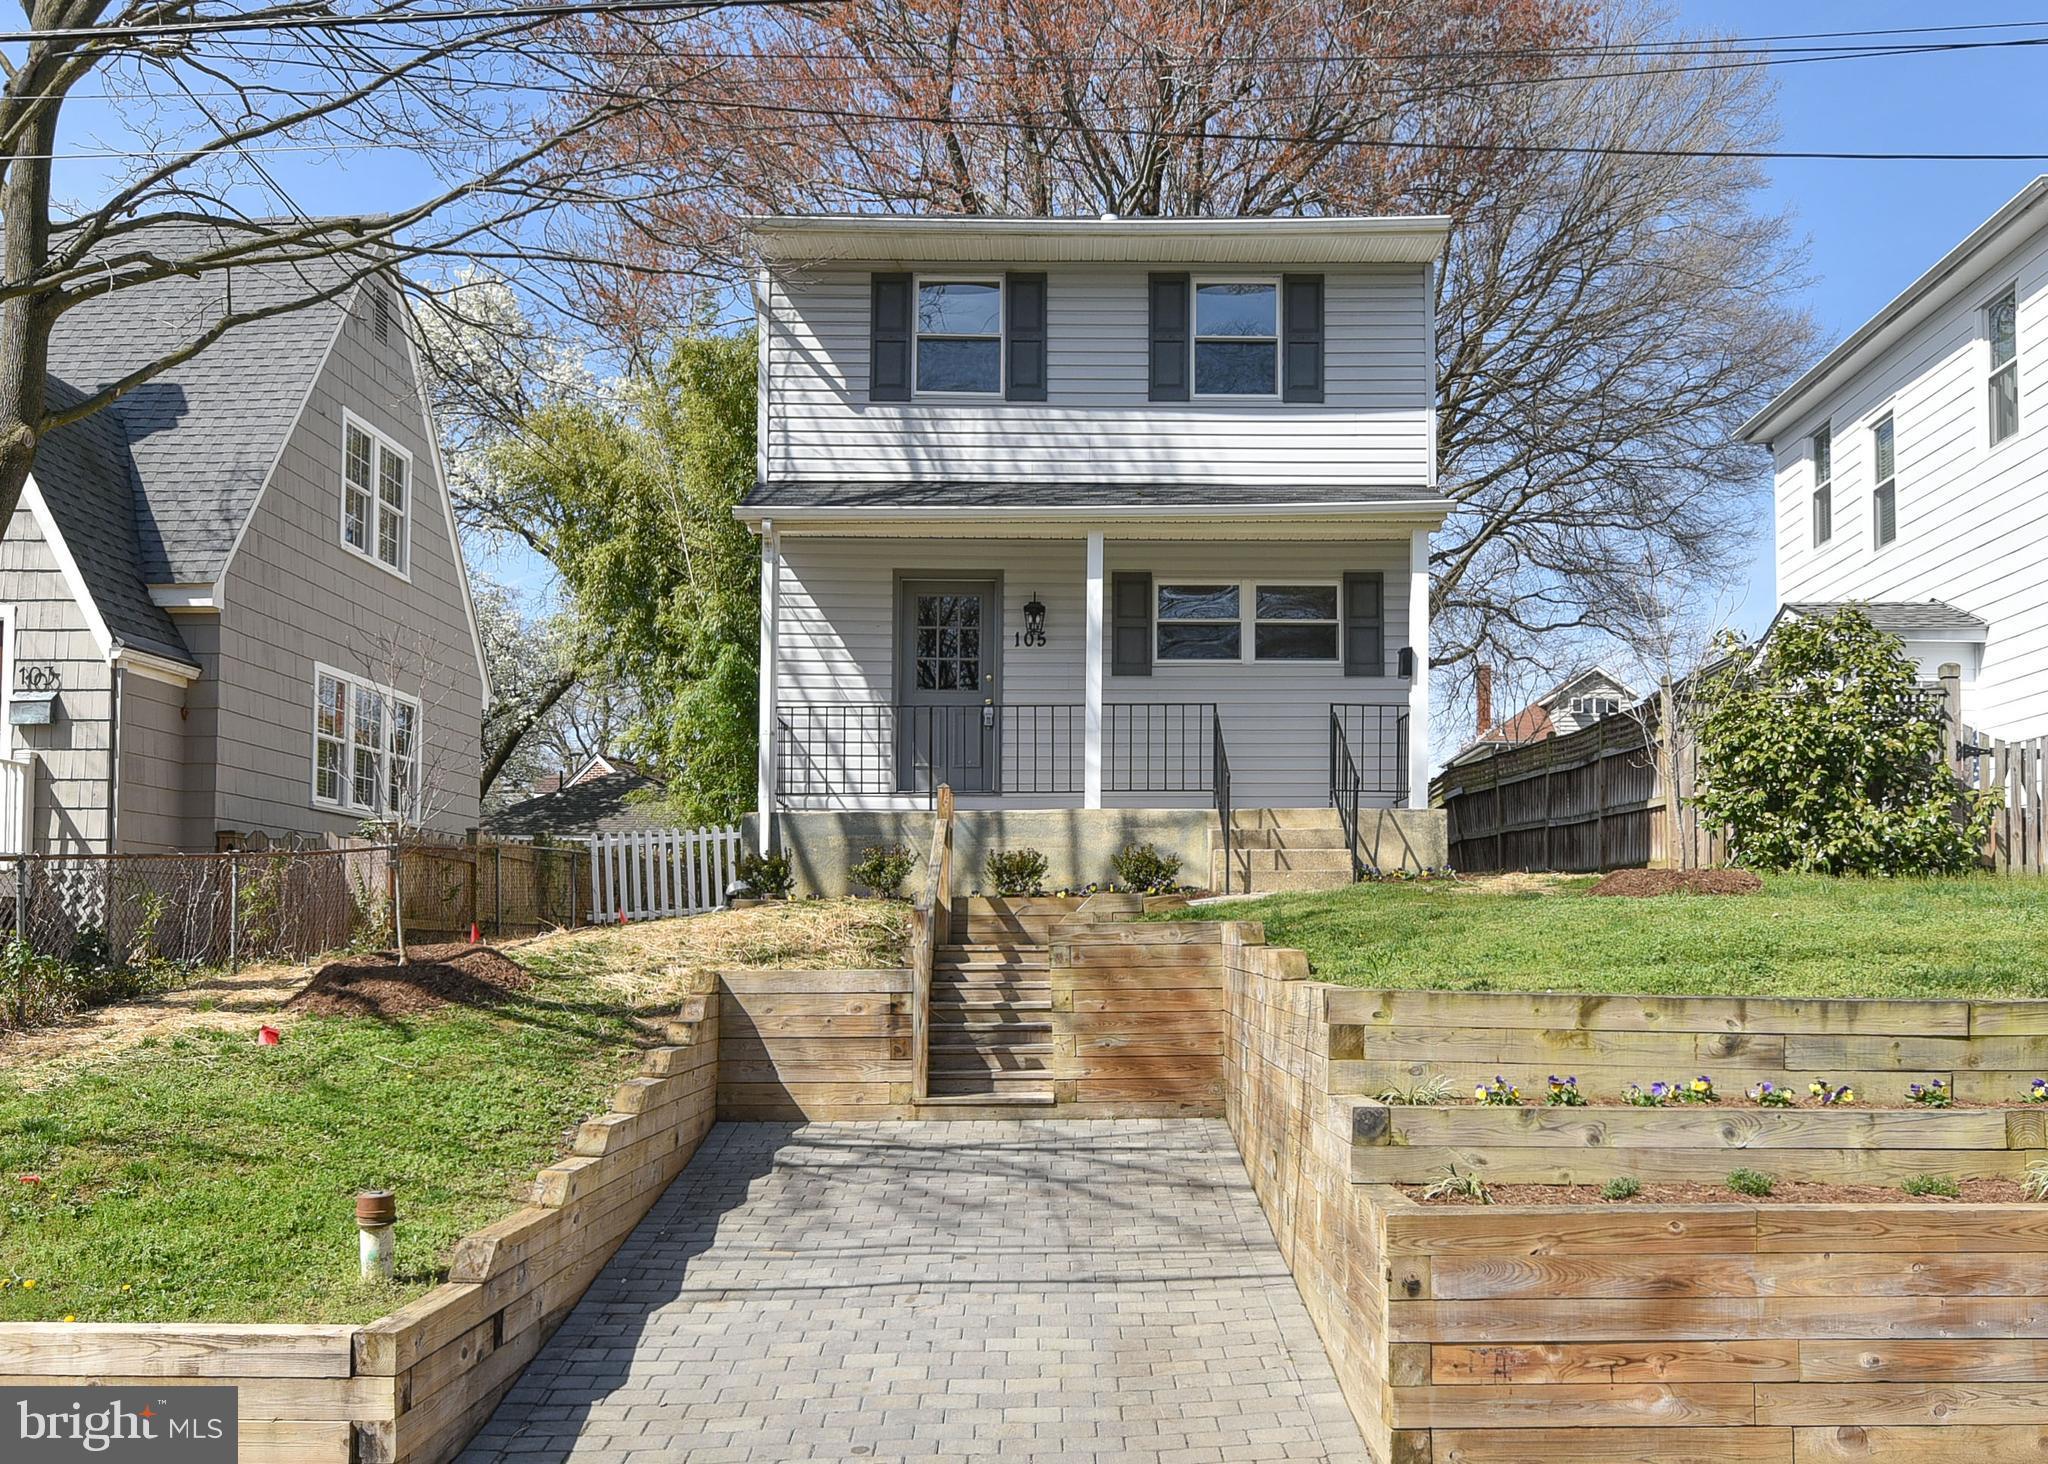 105 N Woodlawn Avenue, Annapolis, MD 21401